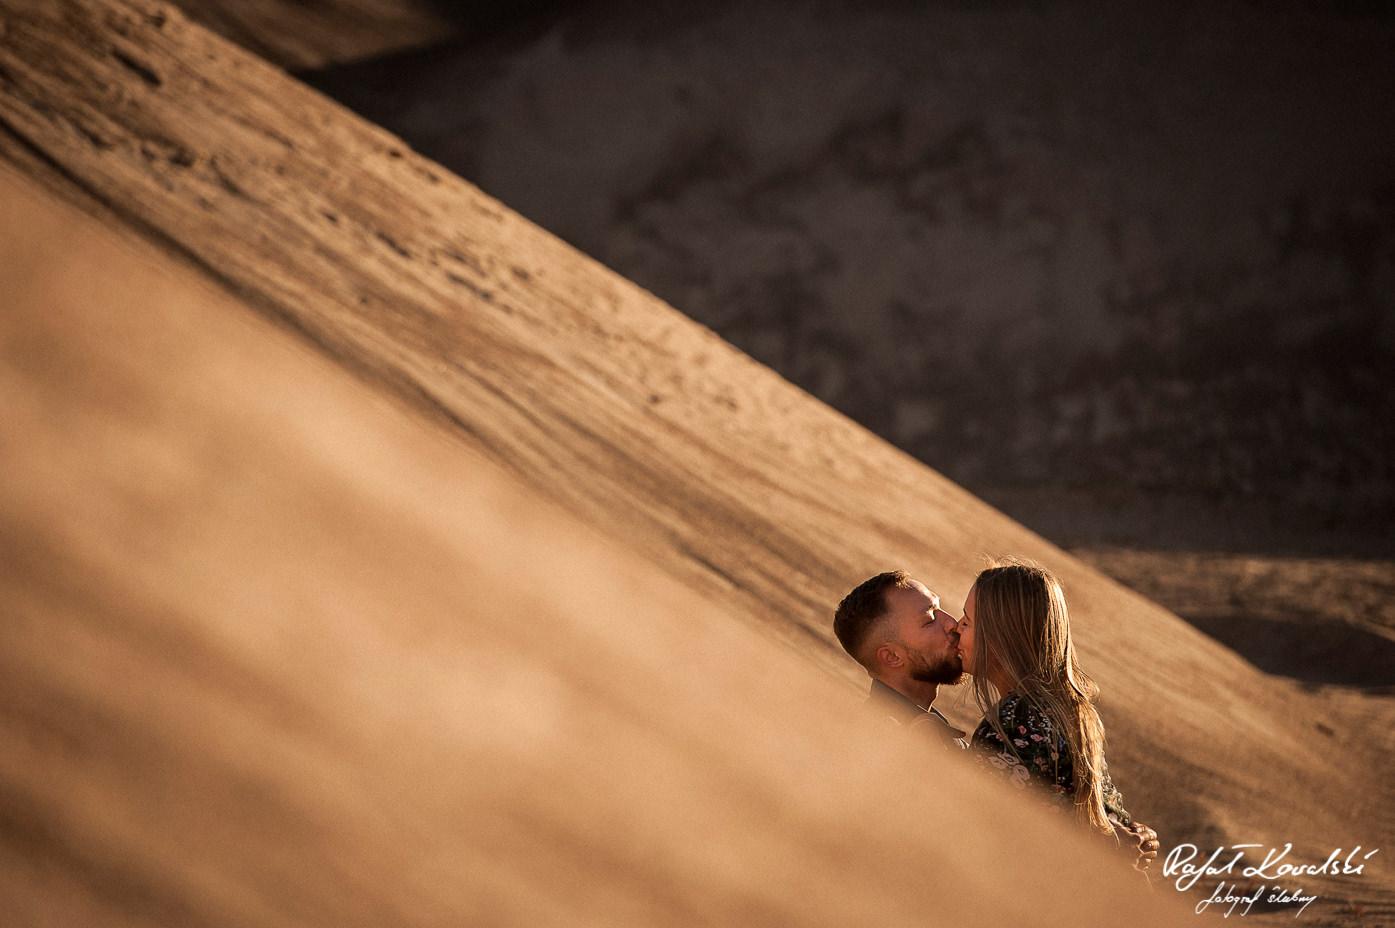 Sesja na pustyni pocałunek narzeczonych pośród złotych piasków fotograf gdańsk Rafał Kowalski